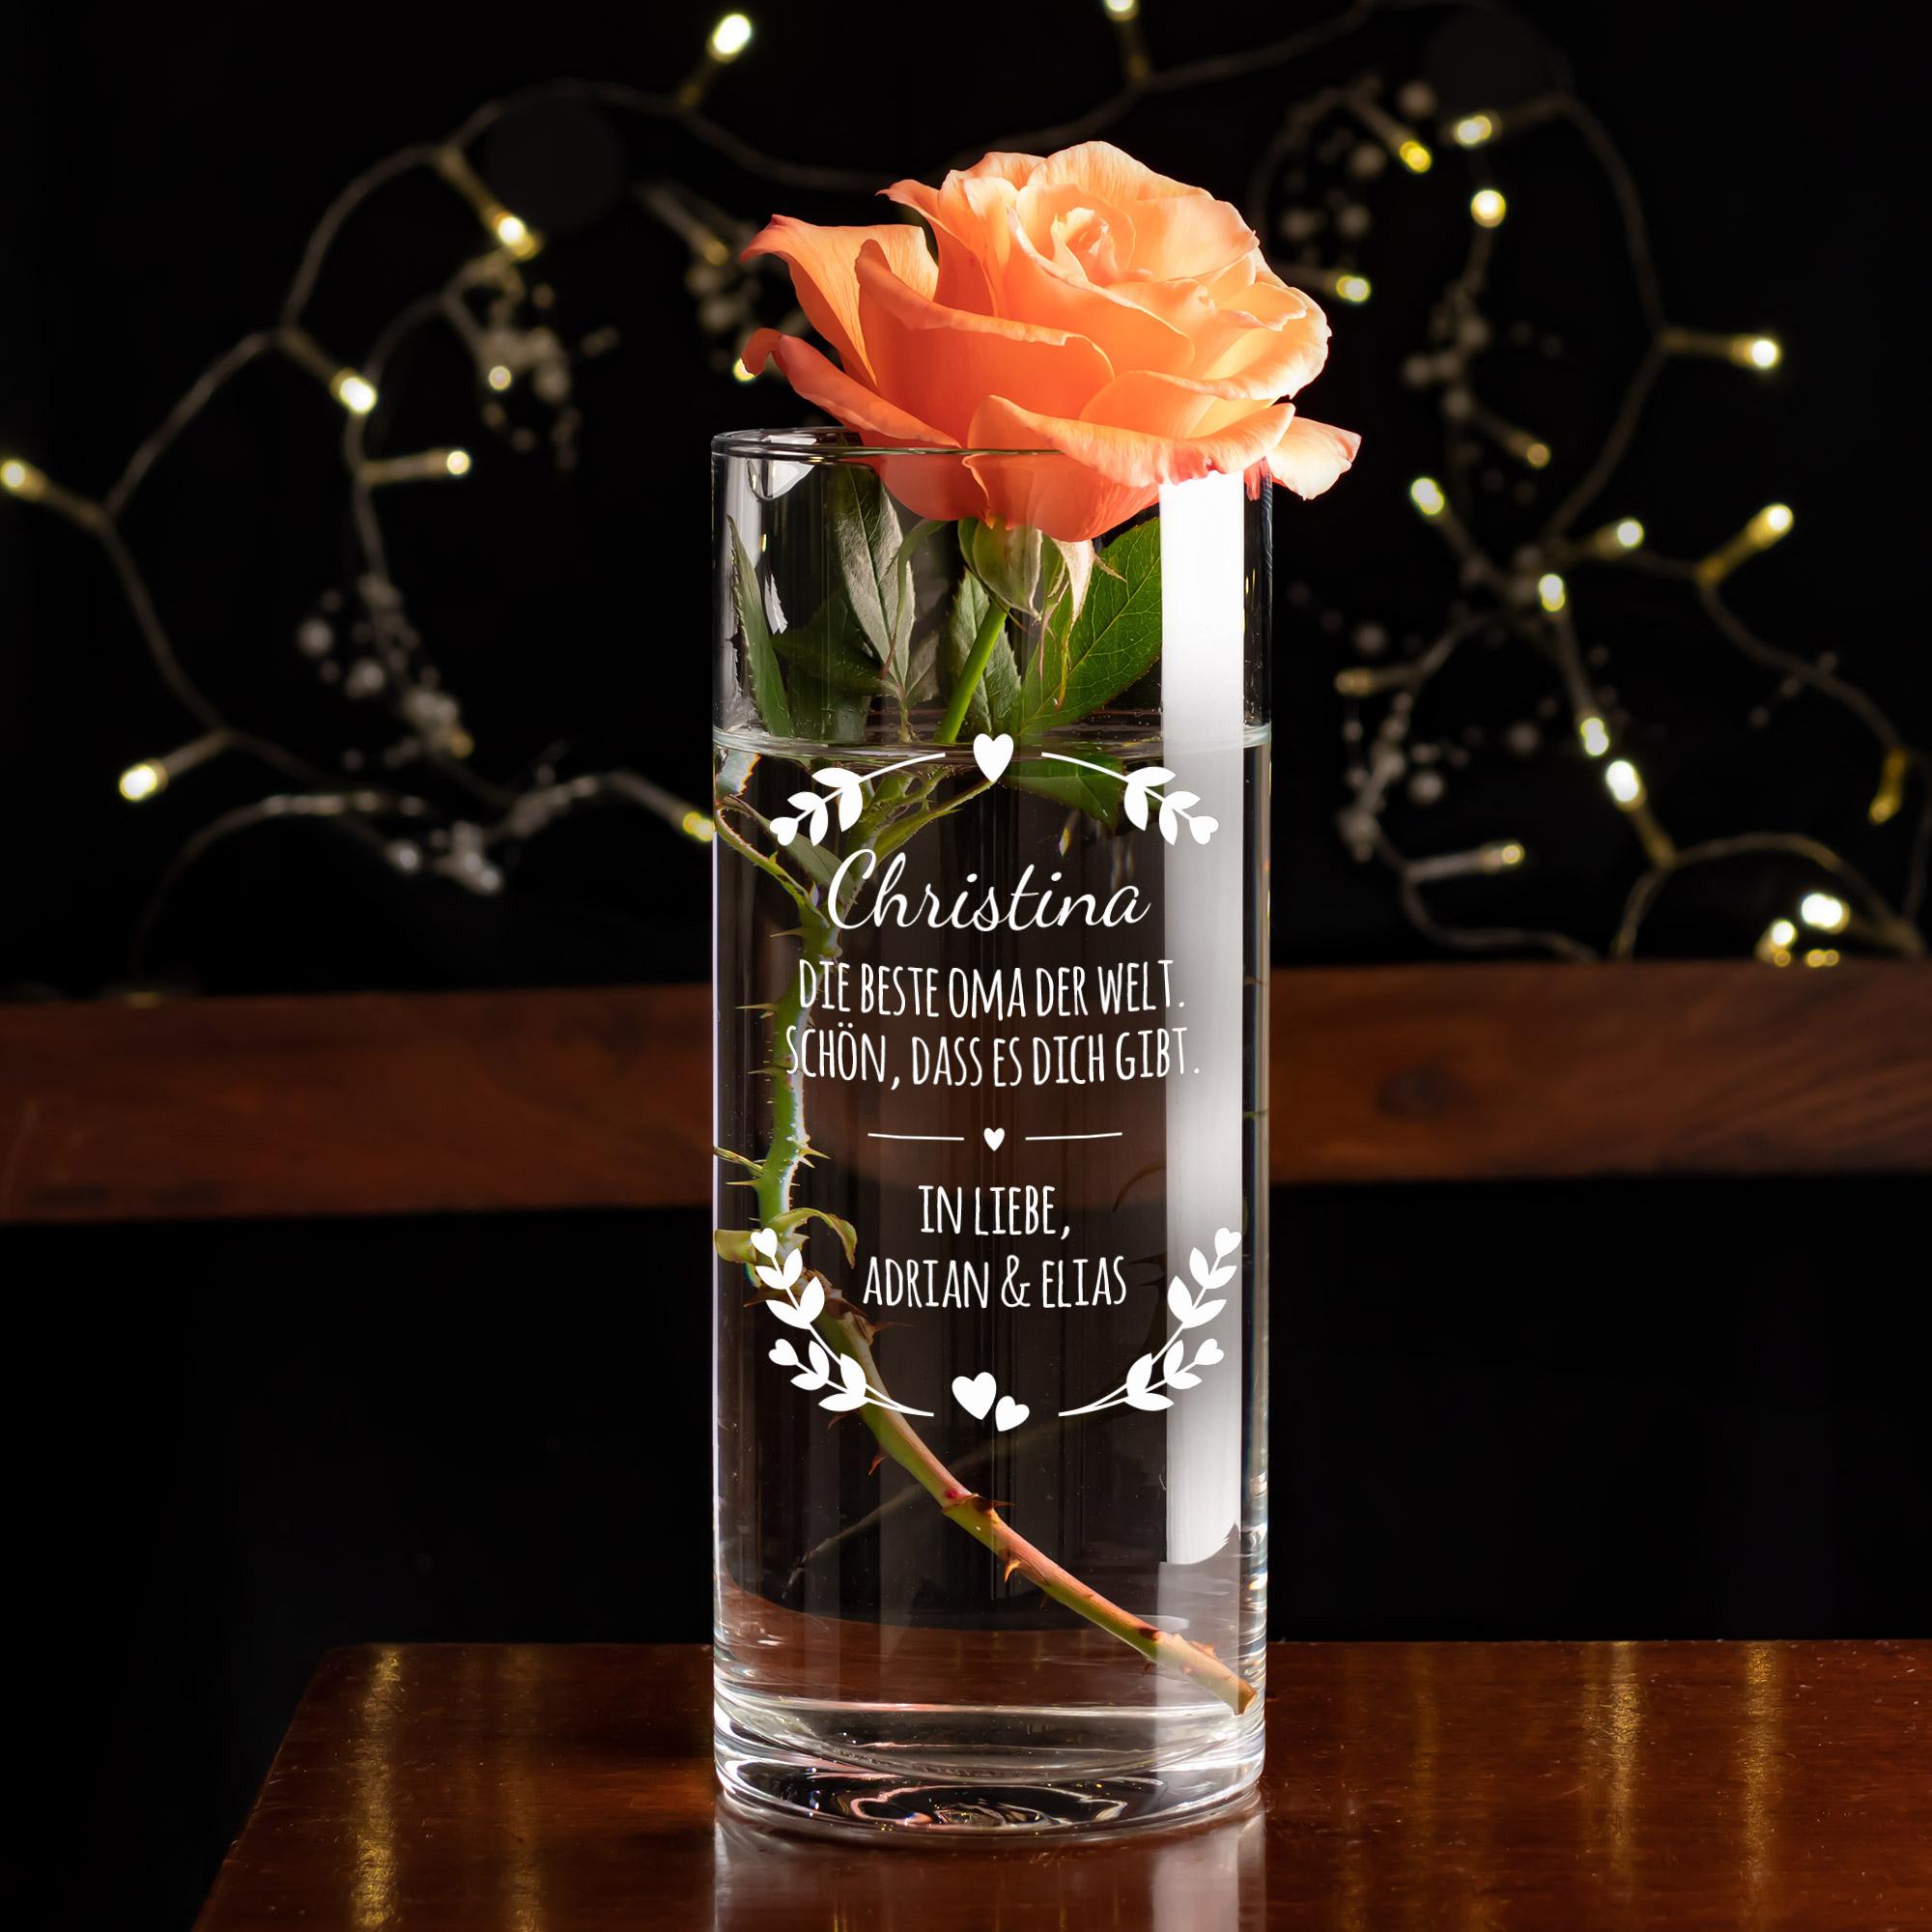 Runde Vase mit Gravur für die Beste Oma